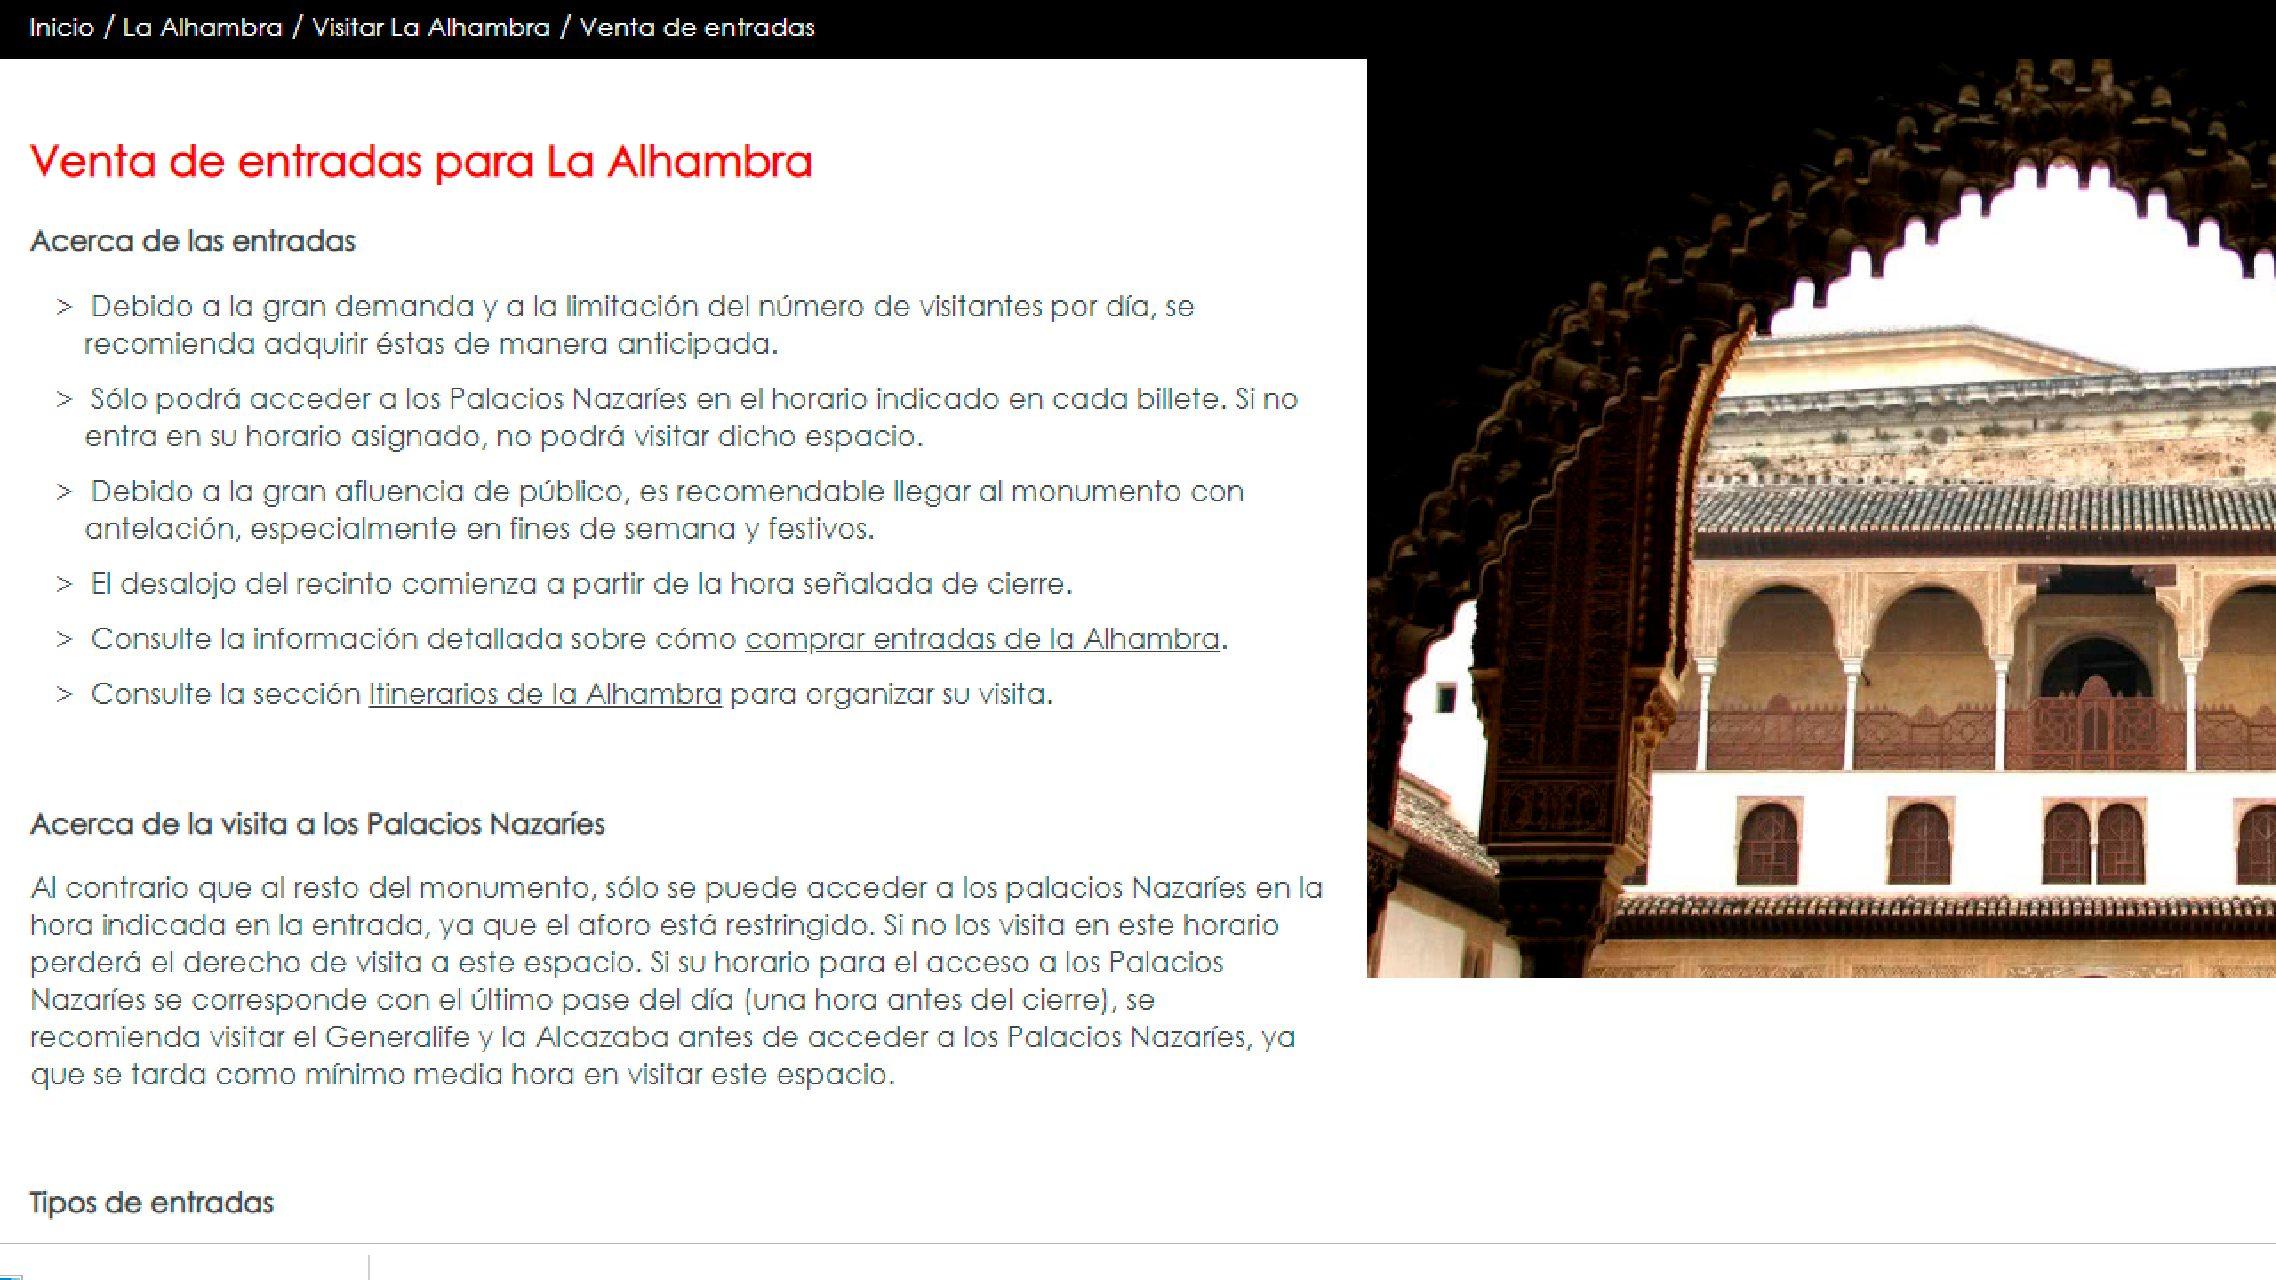 La web de La Alhambra dejó al descubierto los datos de 4,5 millones de visitantes